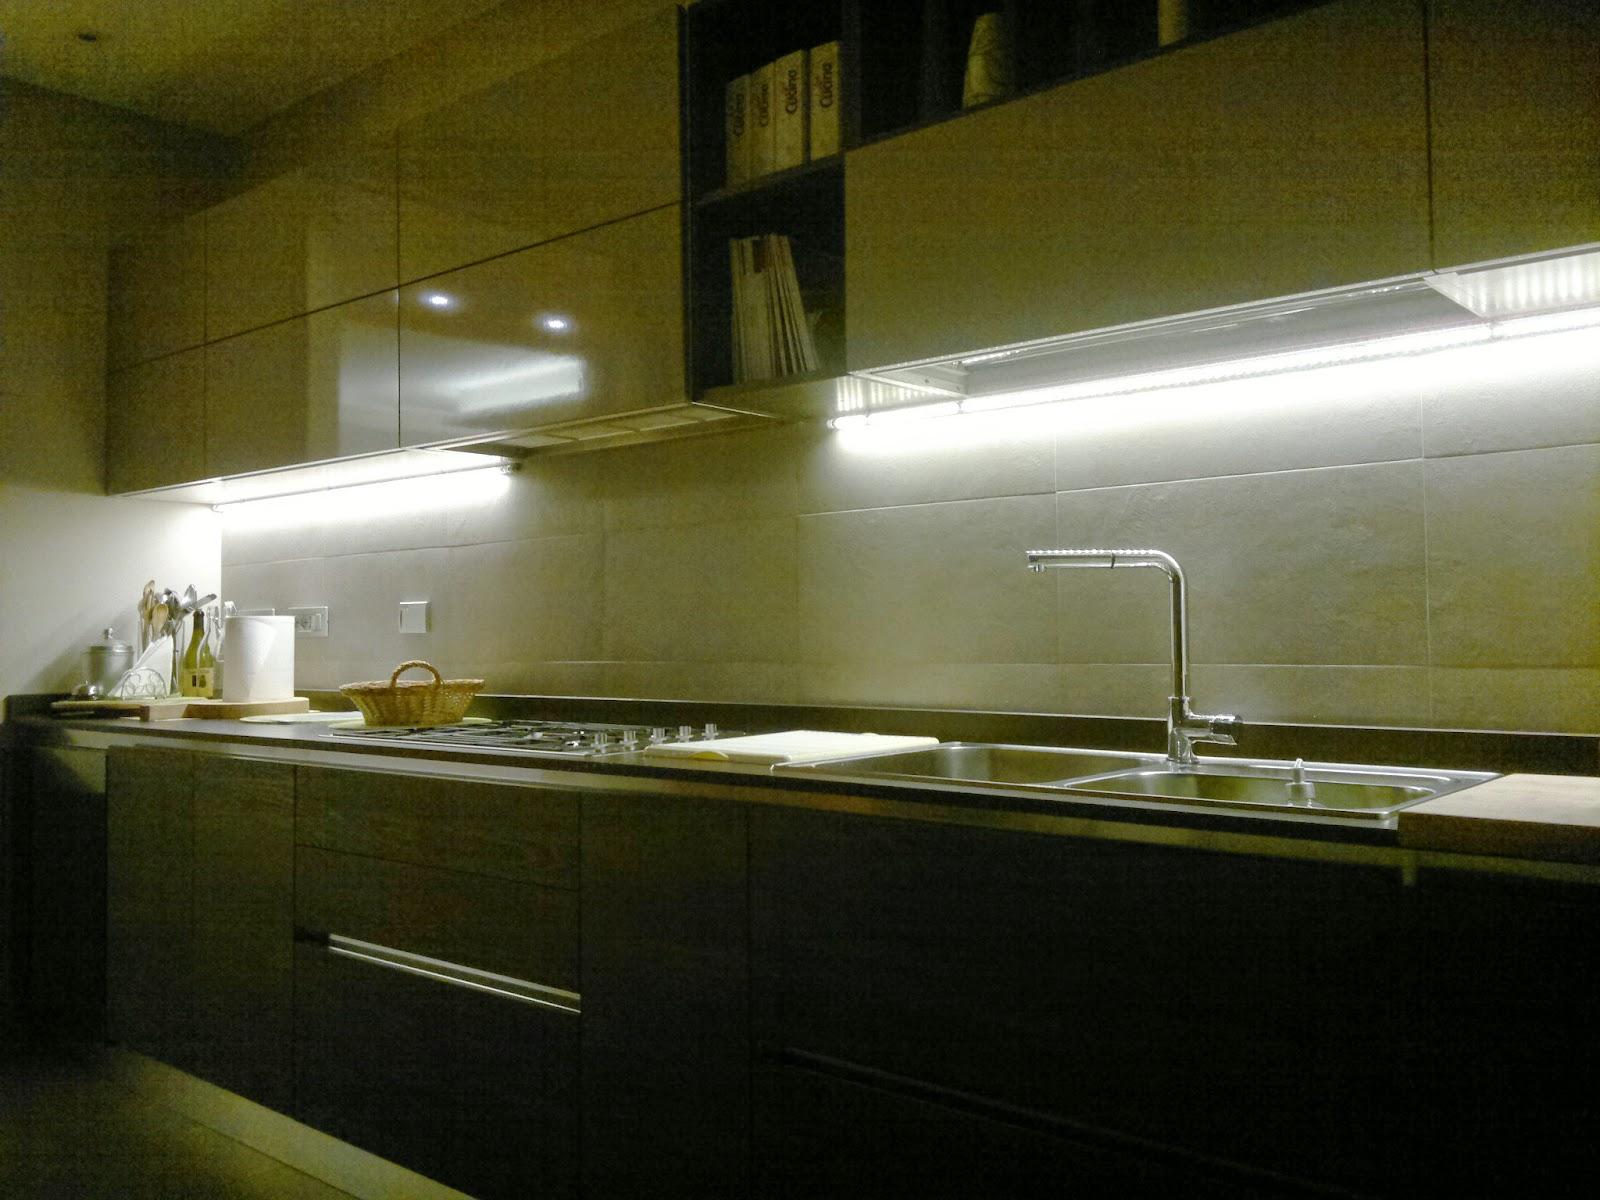 Illuminare la cucina di casa: illuminazione cucina led elegante